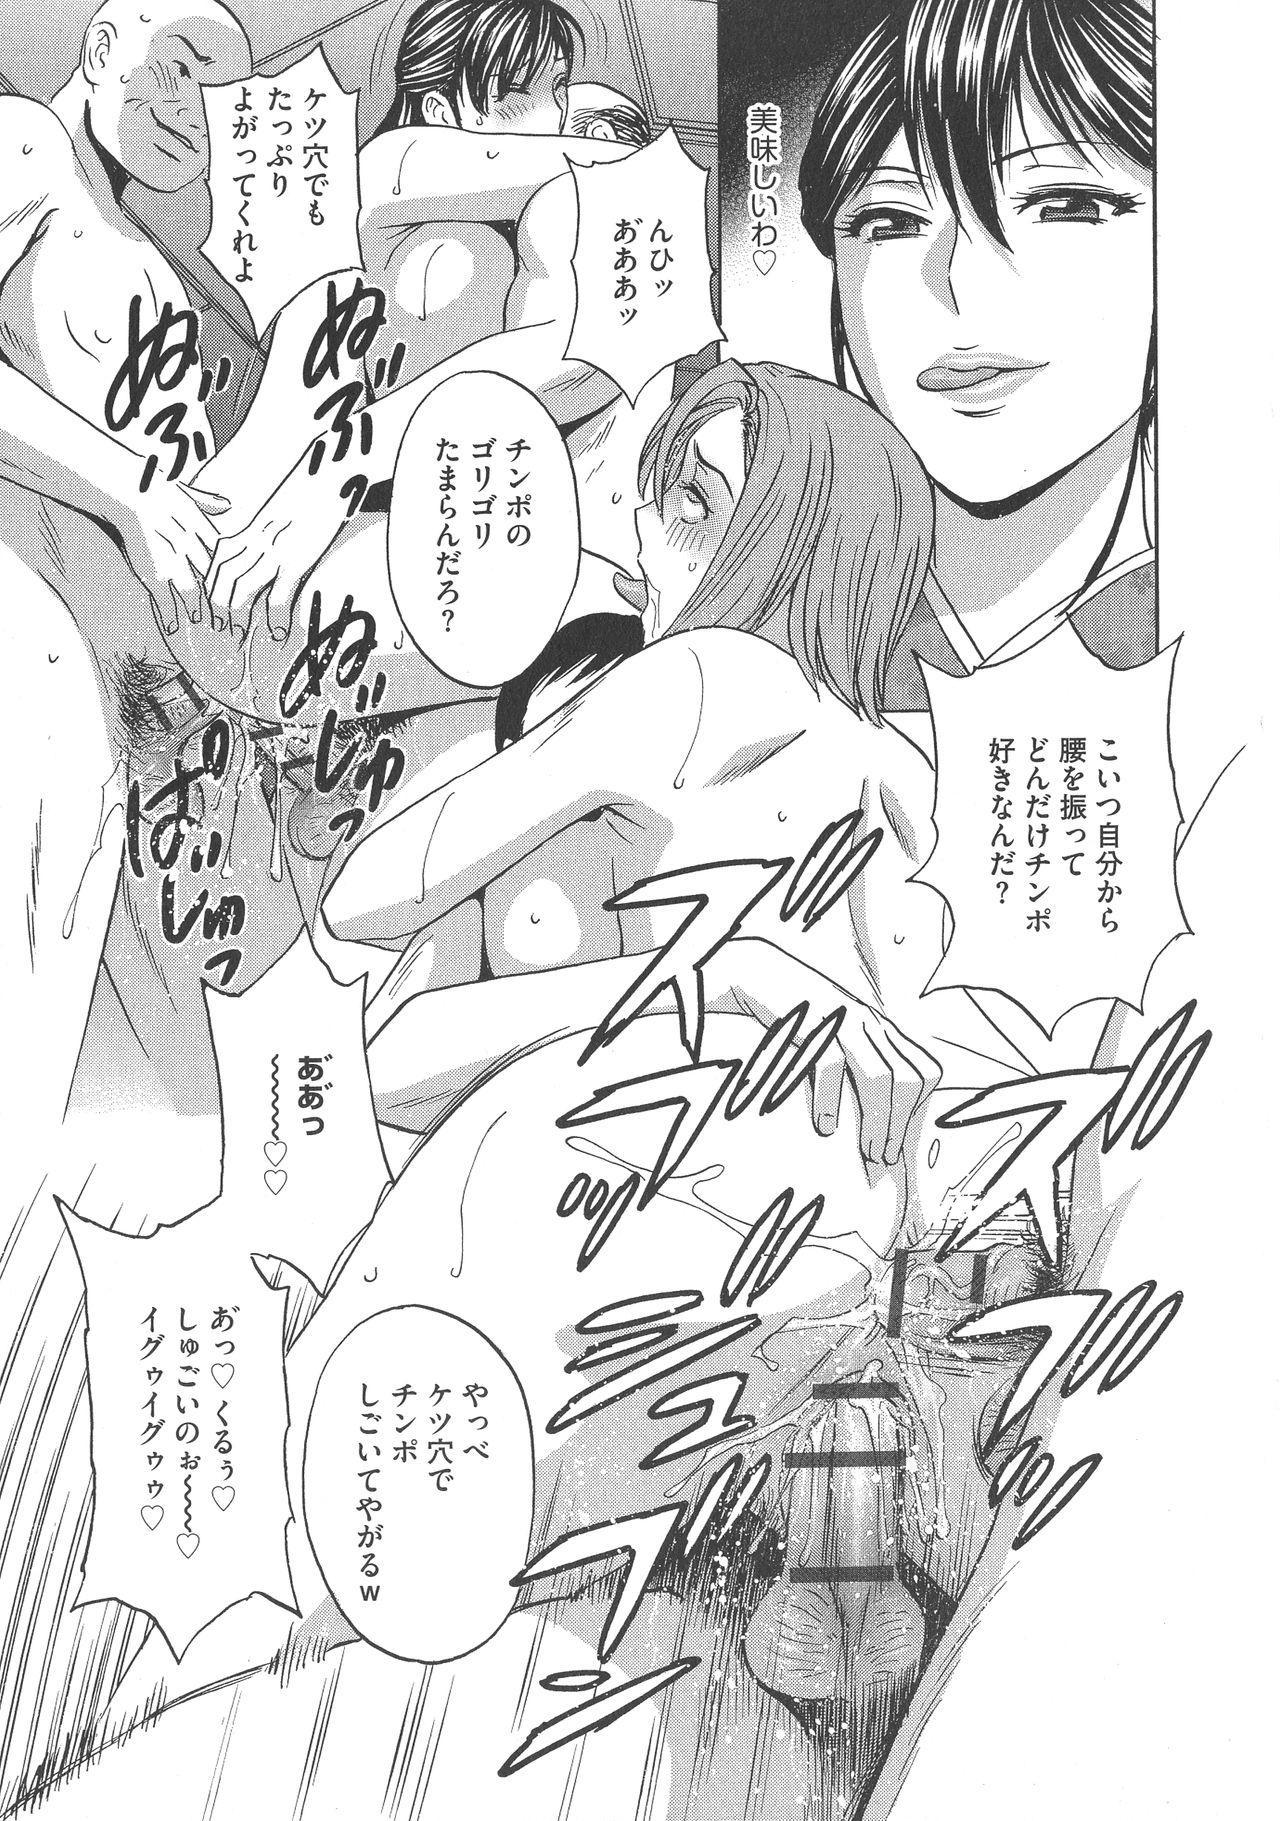 Chijoku ni Modaeru Haha no Chichi… 110